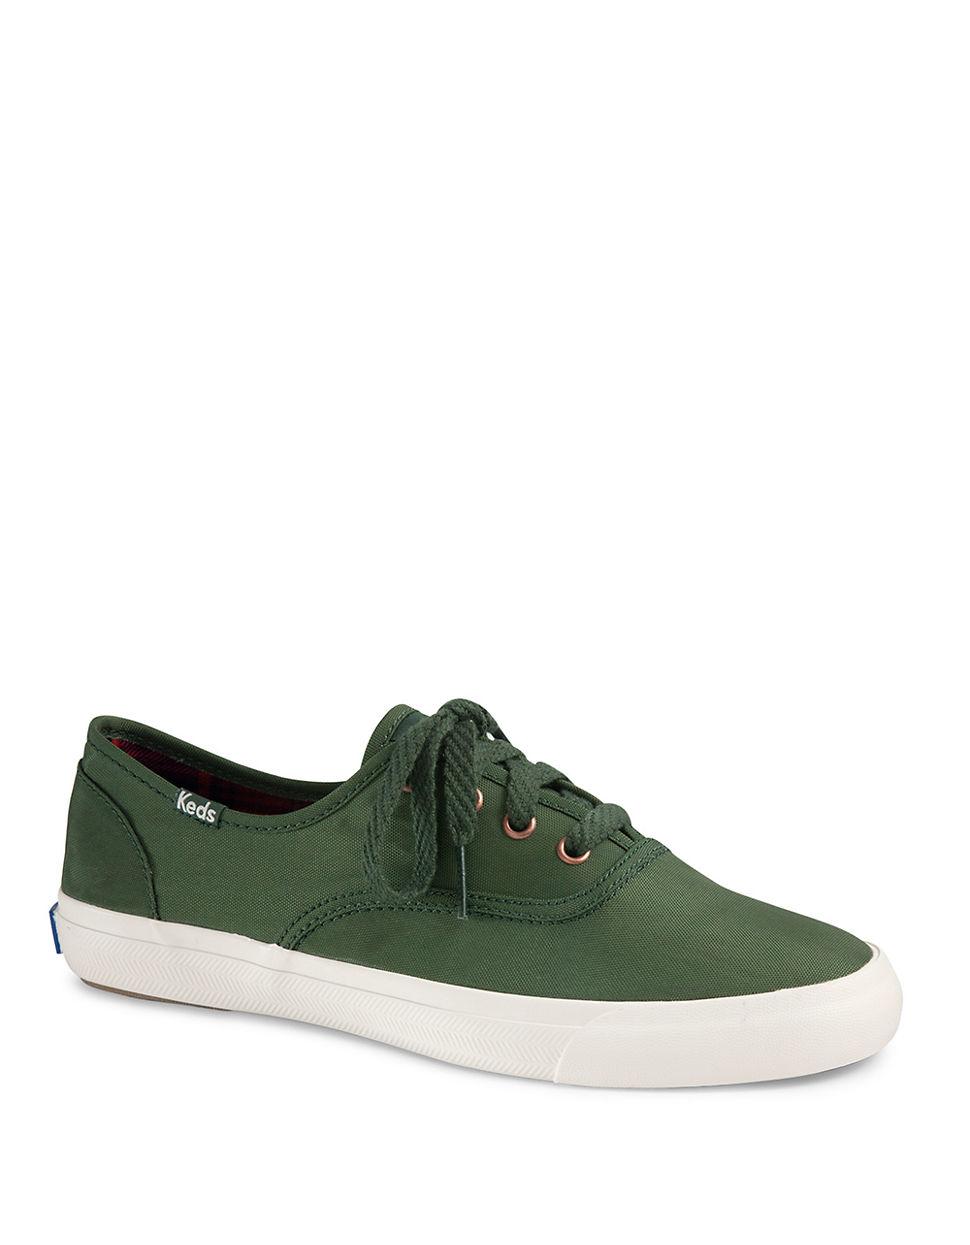 Keds Shoes Heels